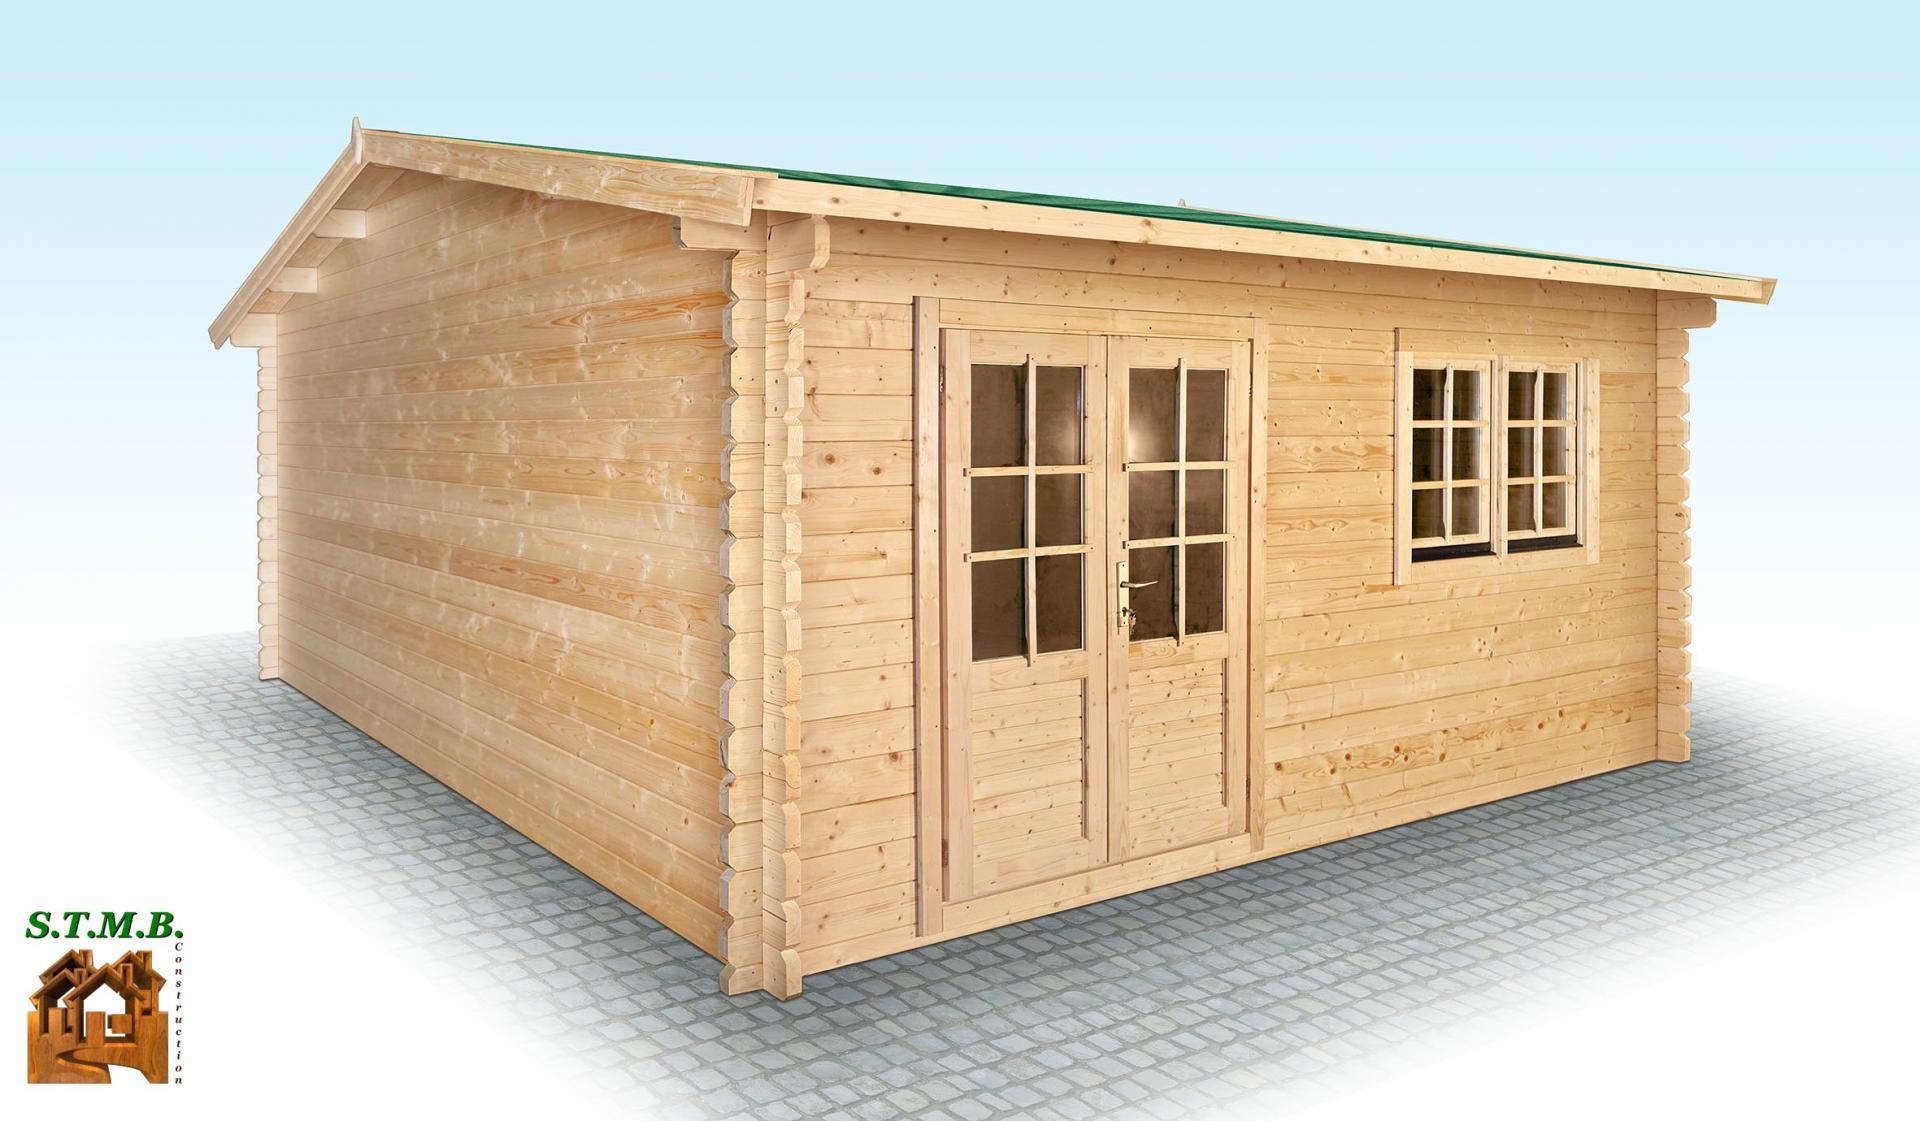 Construire sa maison en bois en kit tarif amazing maison for Construire sa maison en bois en kit tarif